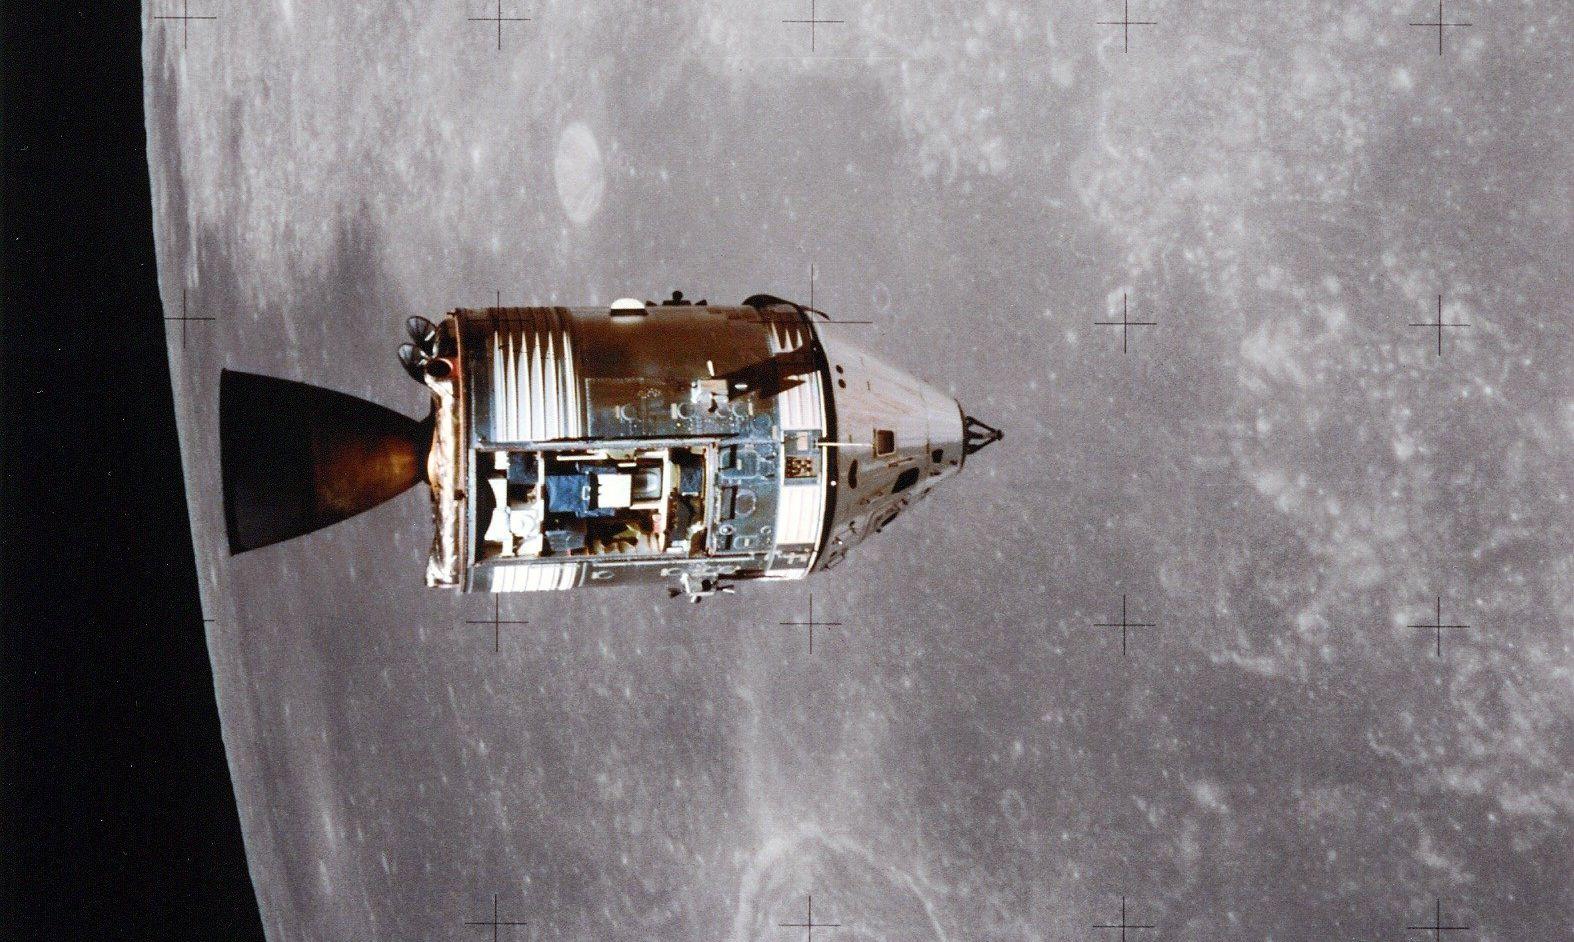 Jedan je astronaut ostajao u orbiti u zapovjedno-servisnom modulu (Foto: NASA)